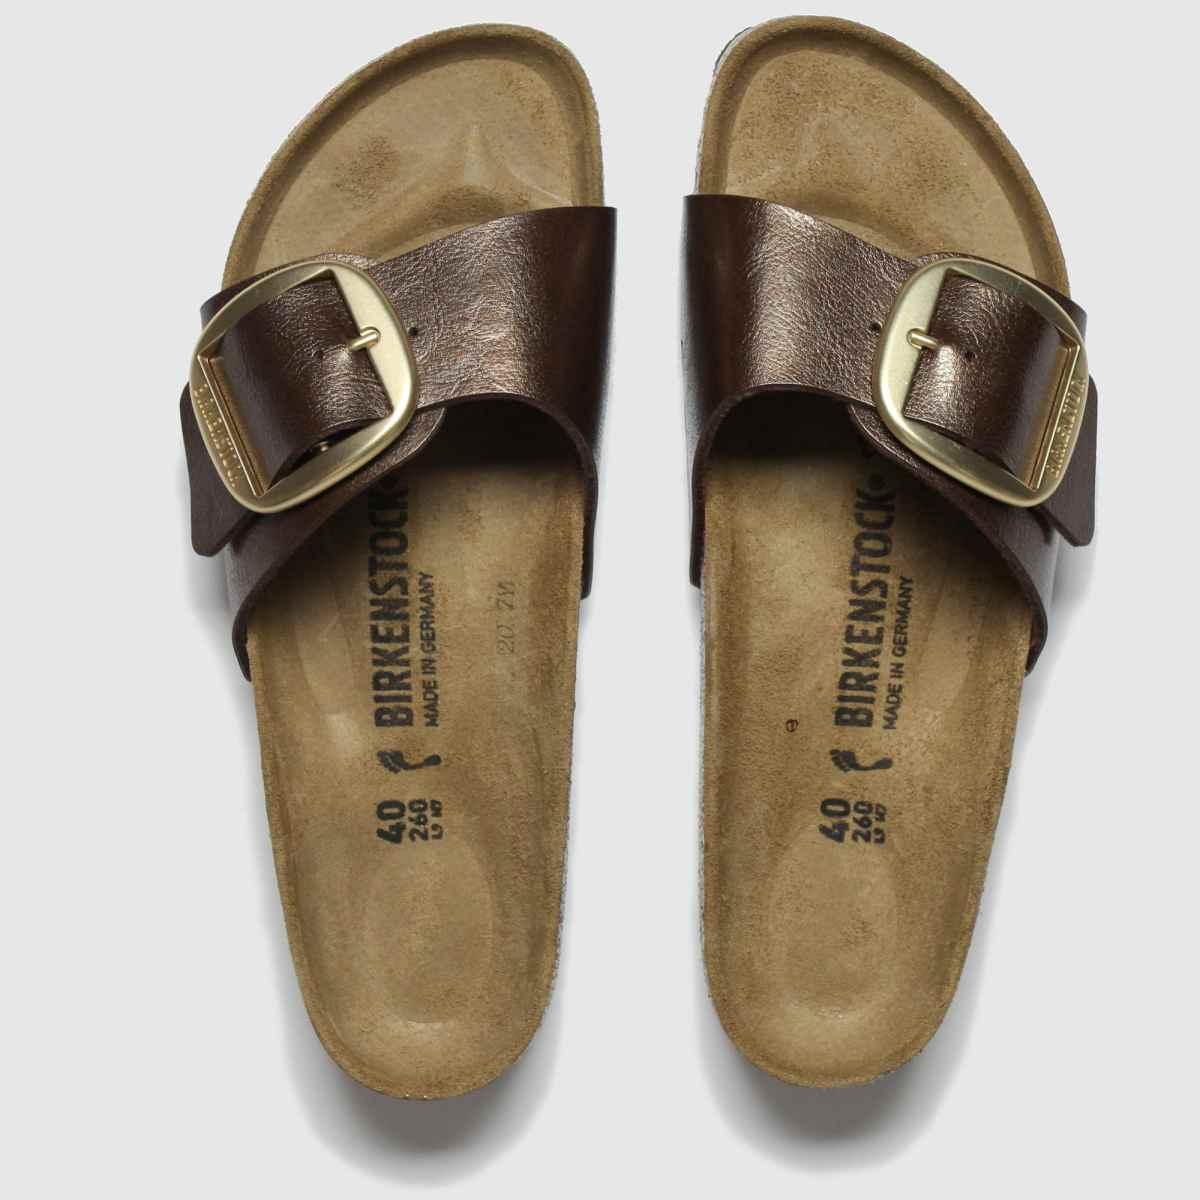 Birkenstock Brown Madrid Big Buckle Sandals